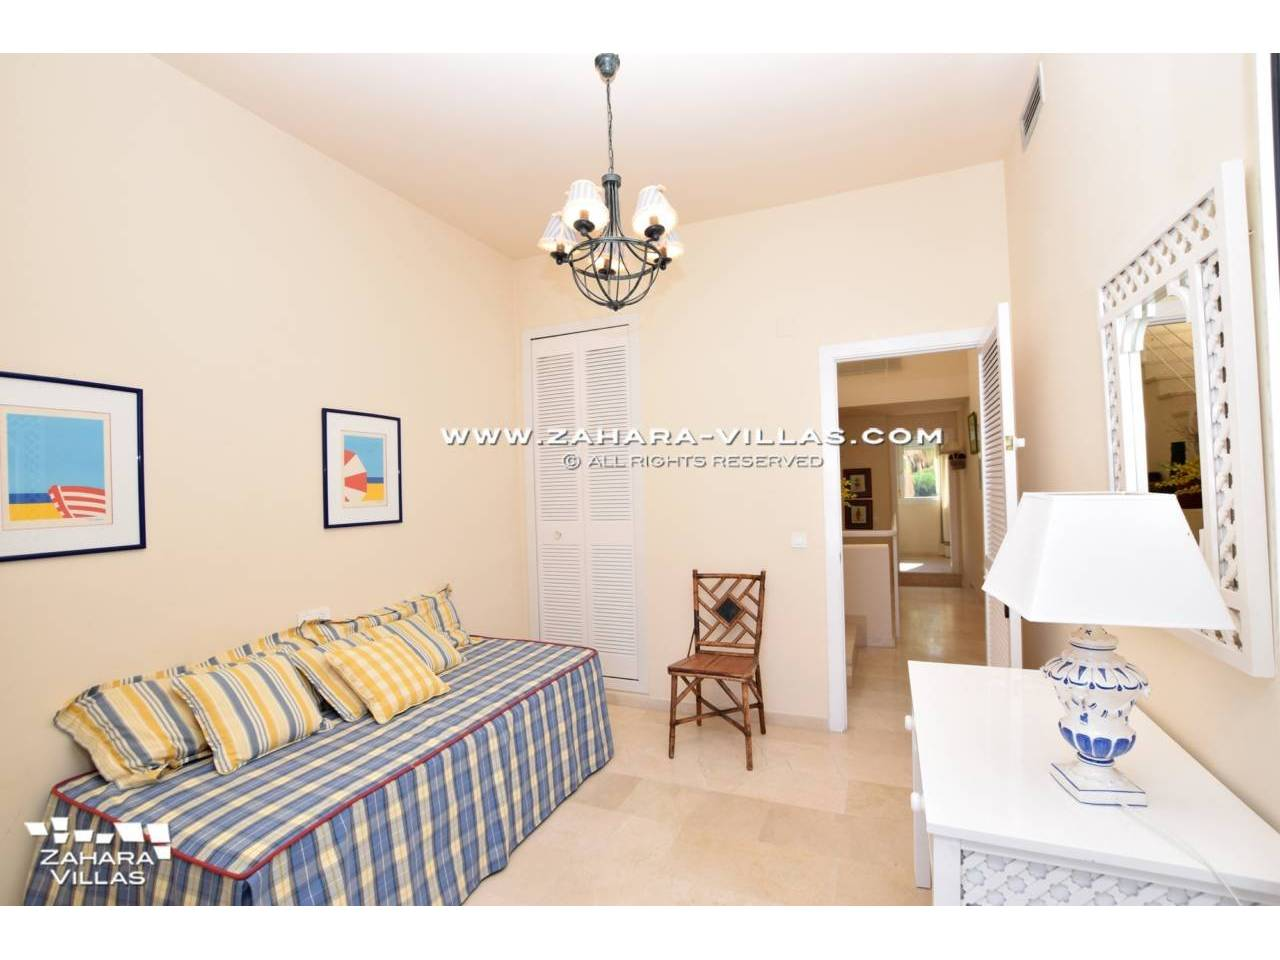 Imagen 13 de Duplex zu verkaufen in Urb. Costa Zahara